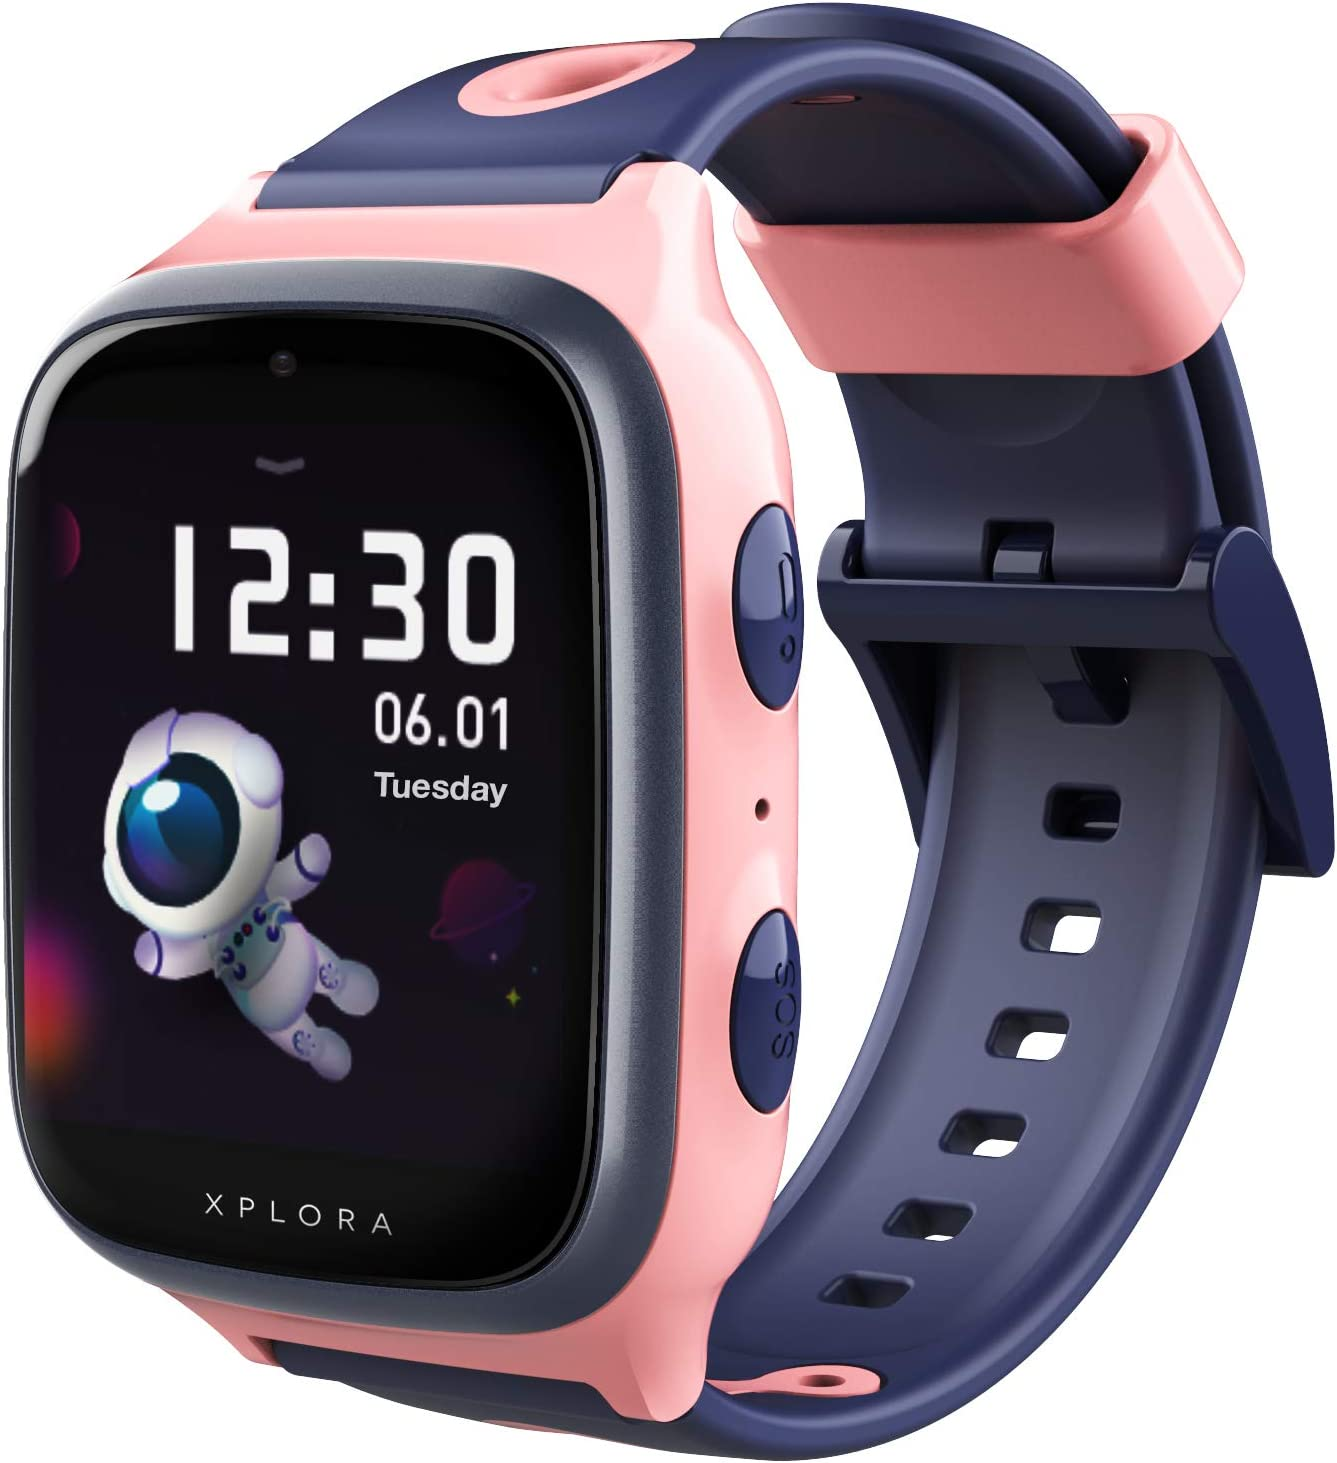 XPLORA 4 - Teléfono Reloj 4G para niños (SIM no incluida) - Llamadas, Mensajes, Modo Colegio, SOS, GPS, cámara y podómetro - Incluye 2 años de garantía (Rosa)